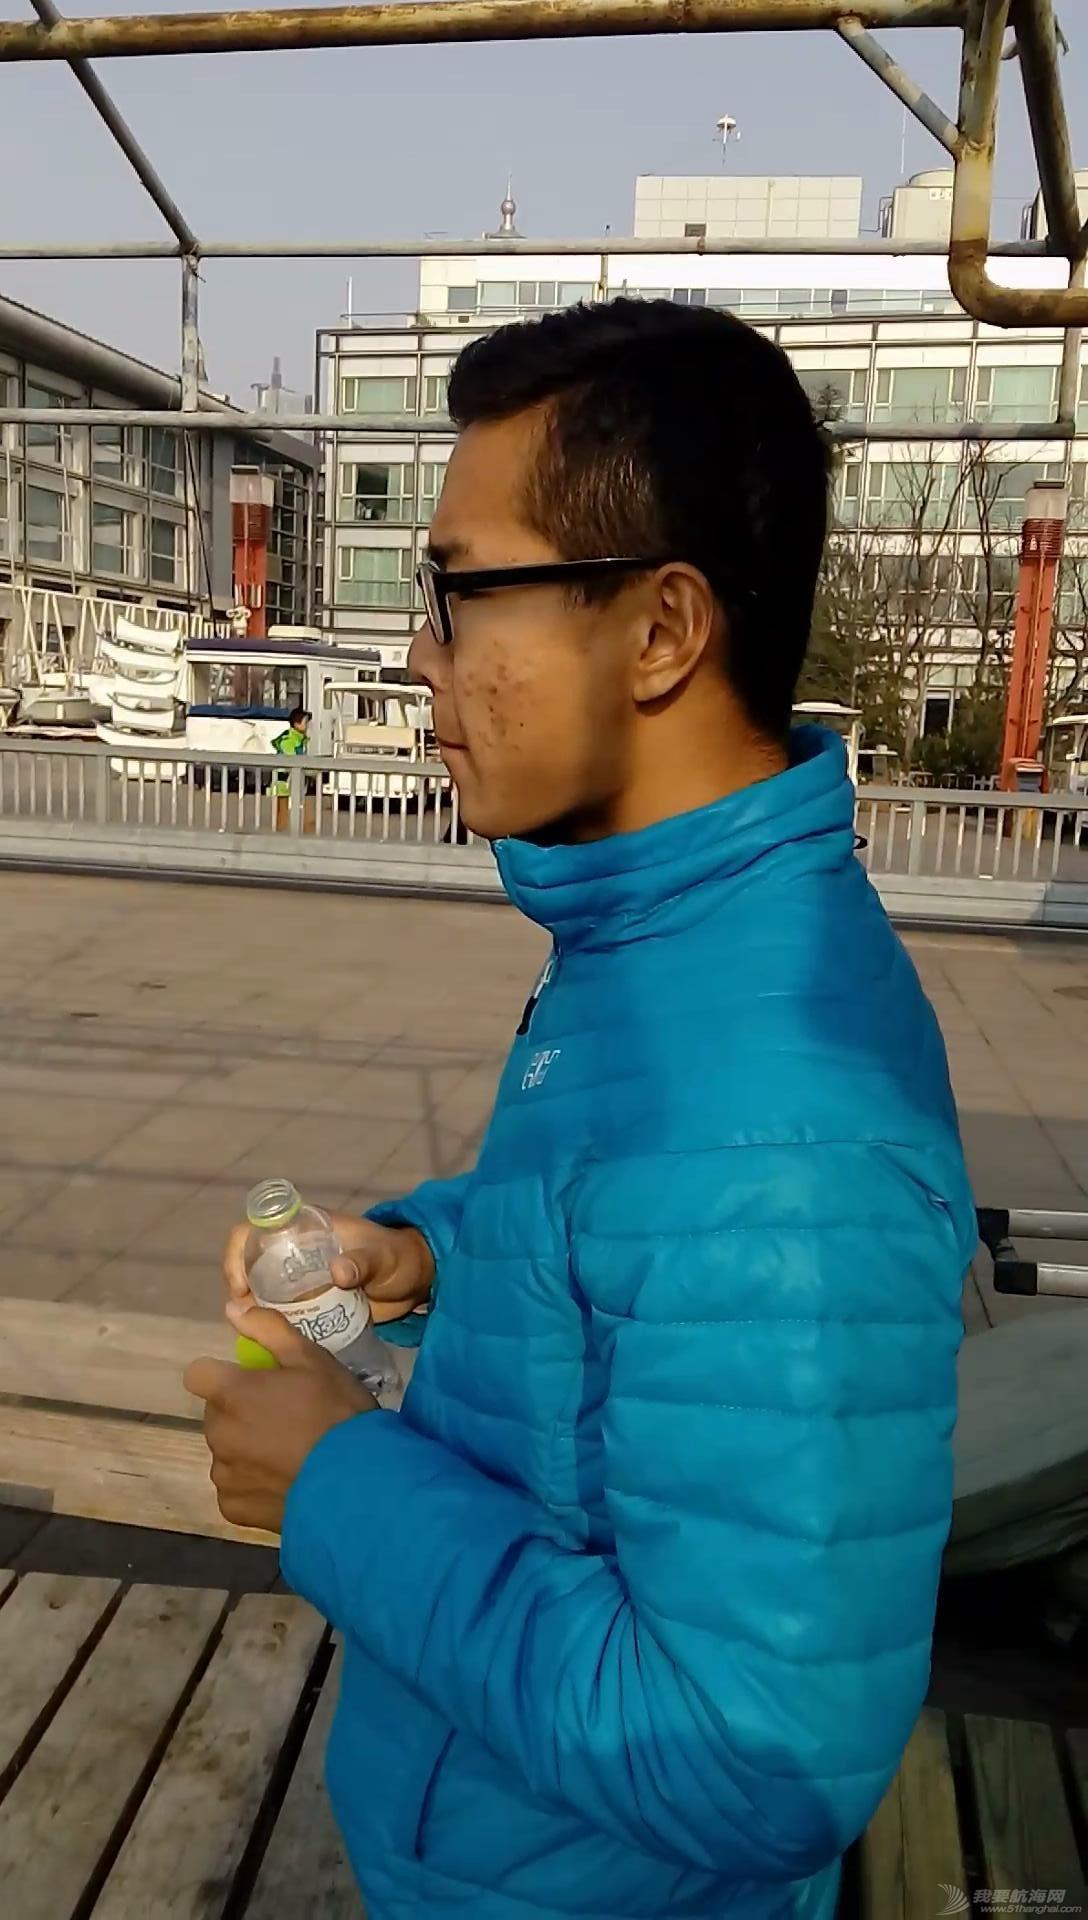 人民日报,体育生,天气,青岛 冬天新人出海啦 VID_20151219_134141_20151220212415.JPG